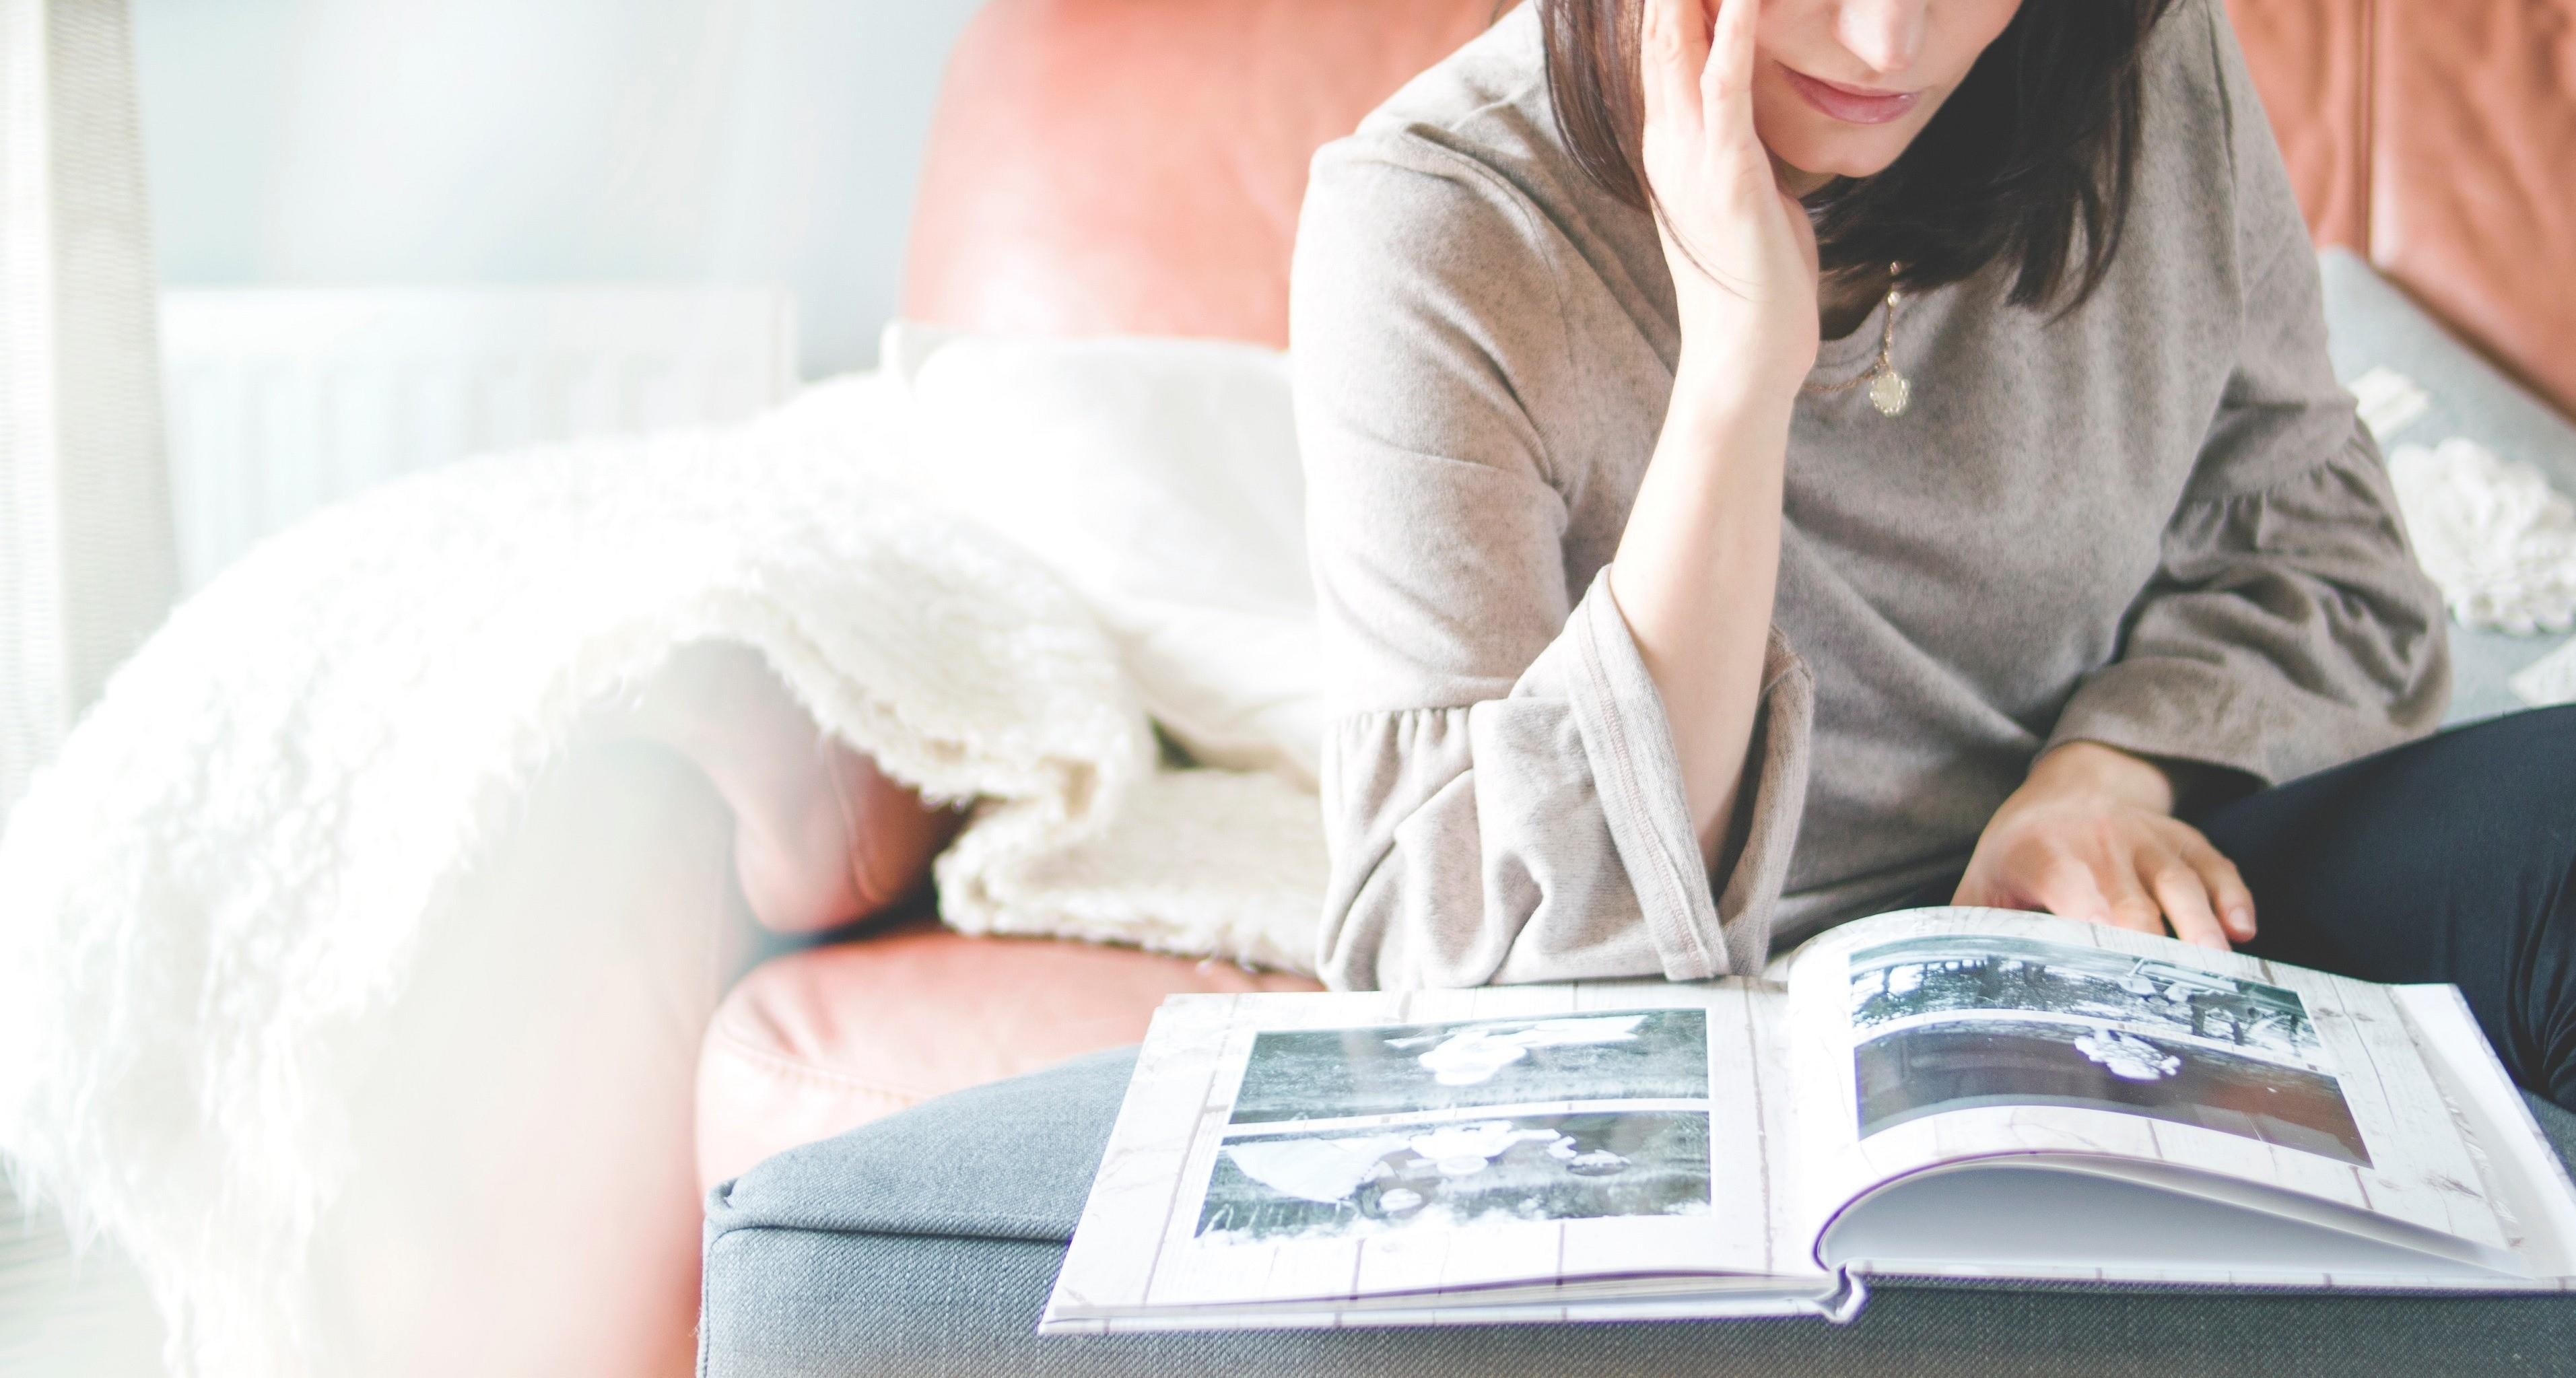 7 признаков, что тебе сейчас совсем не нужны отношения